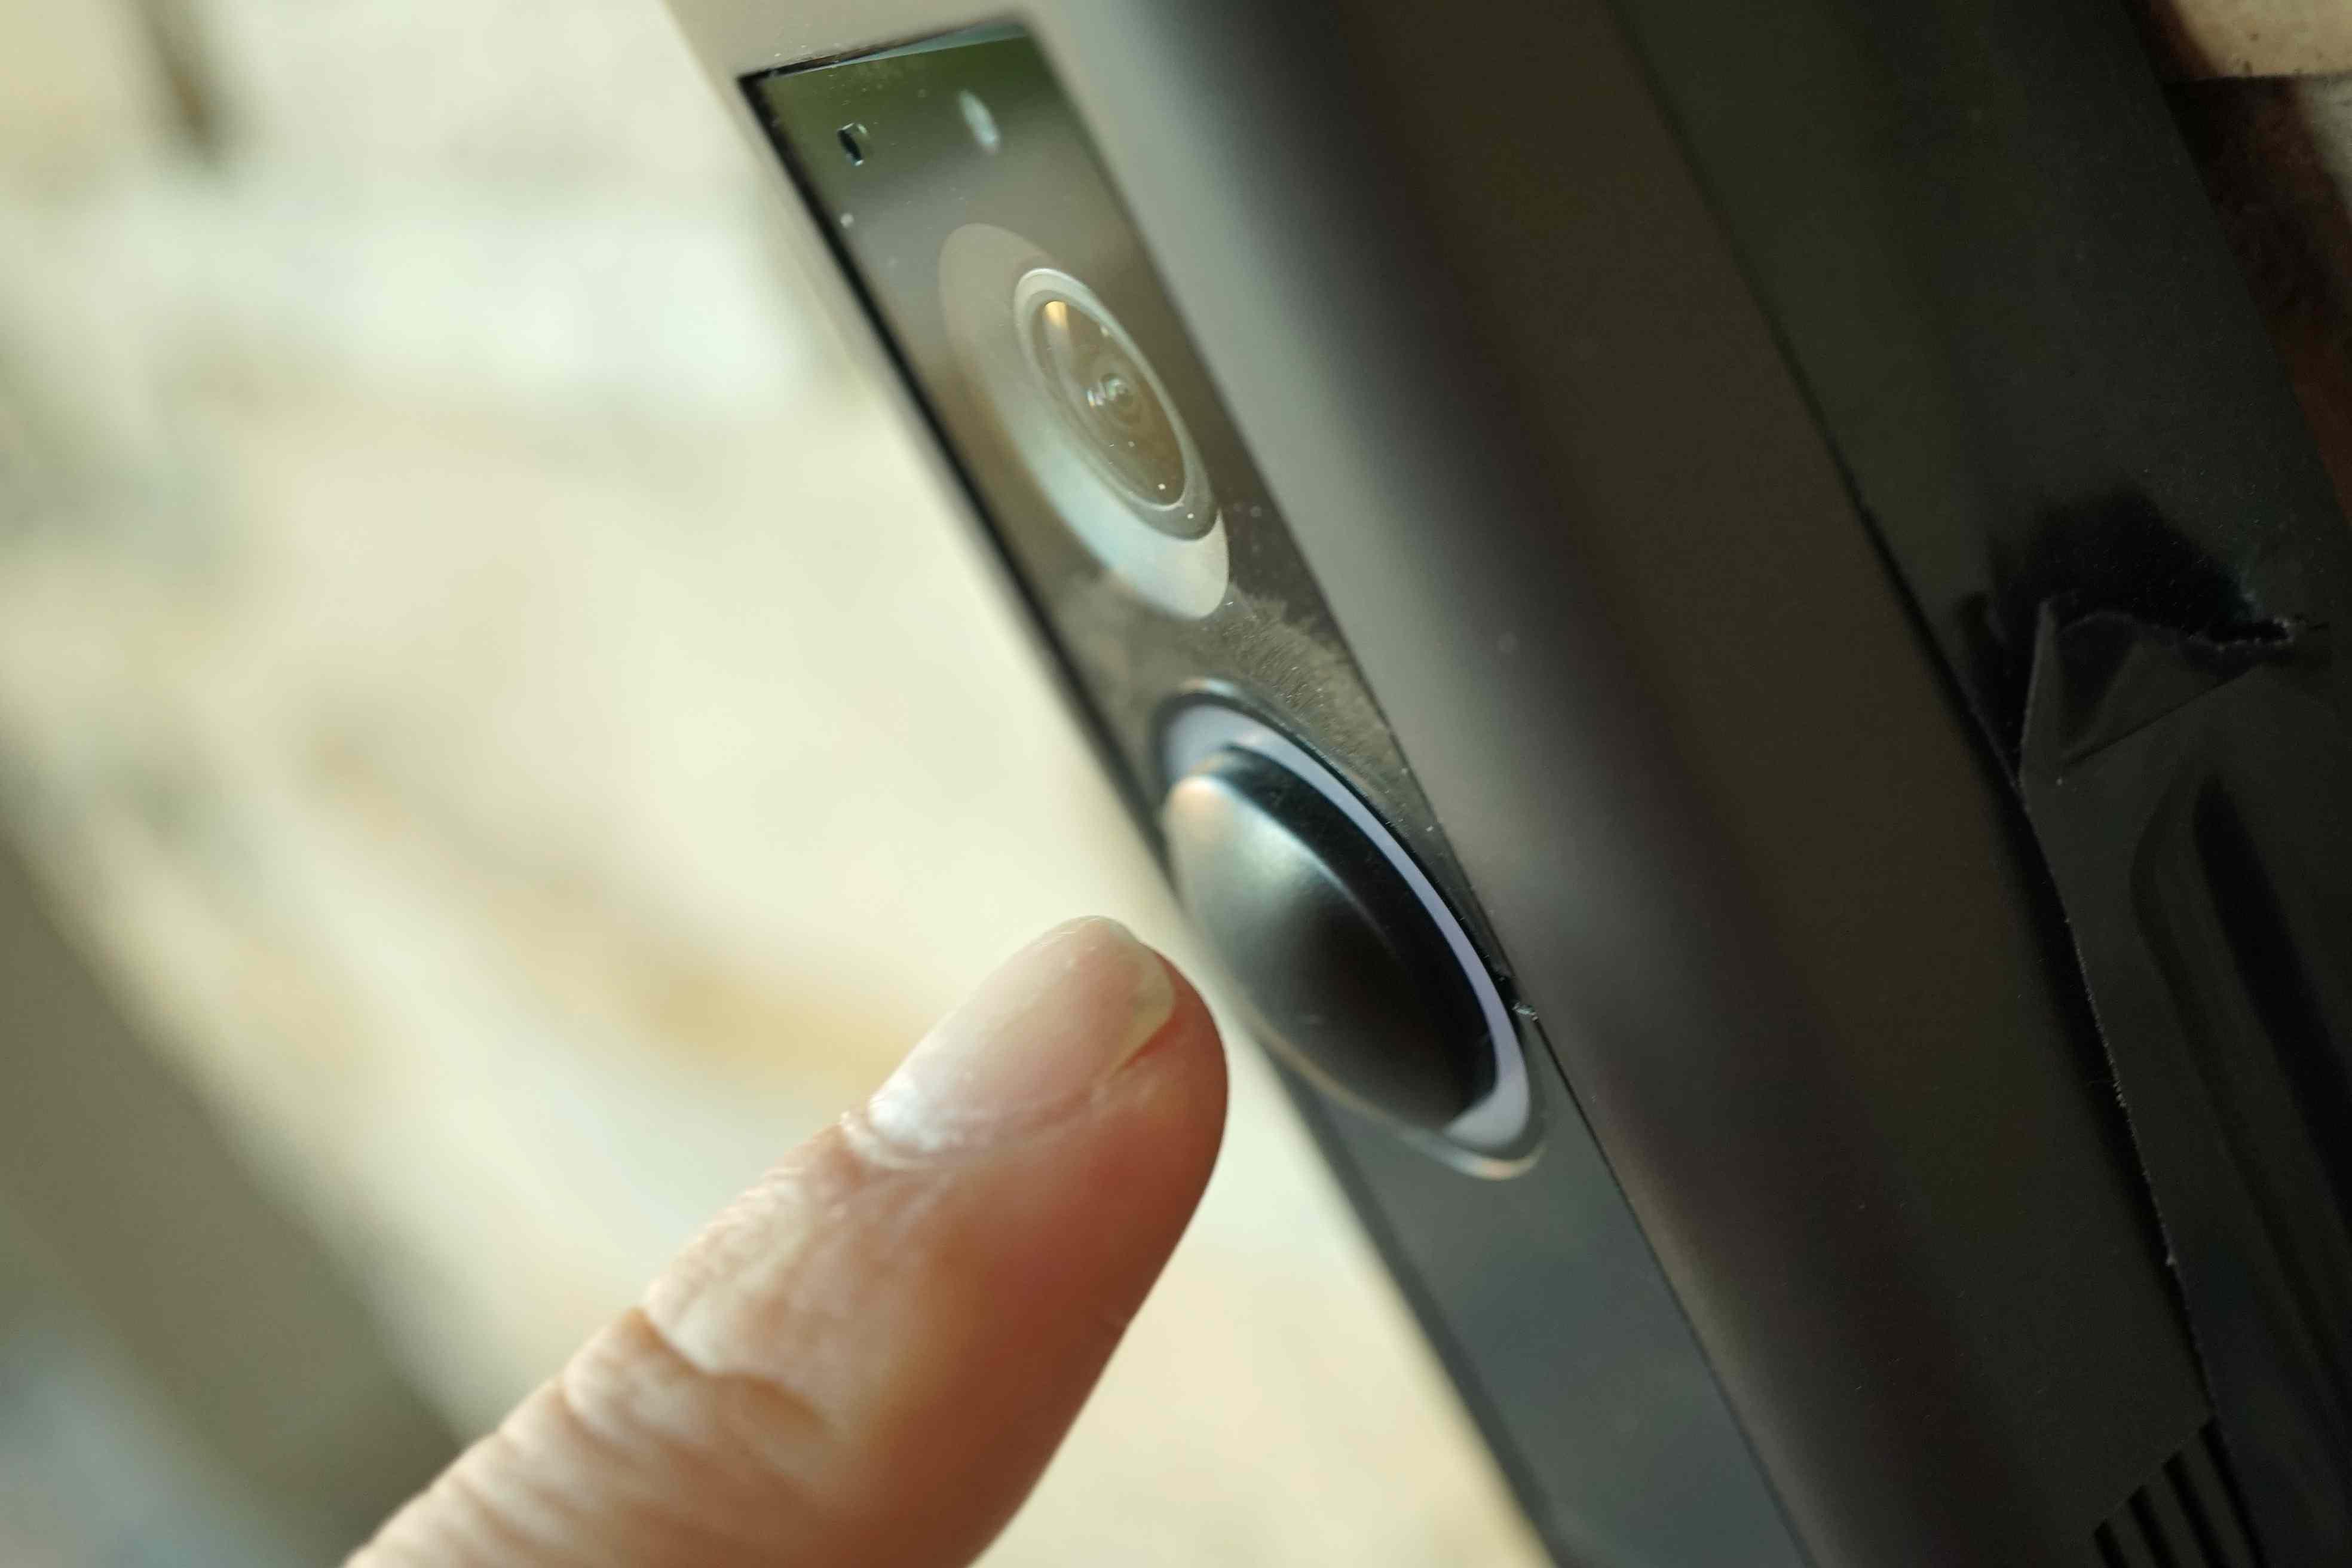 Pressing the Doorbell